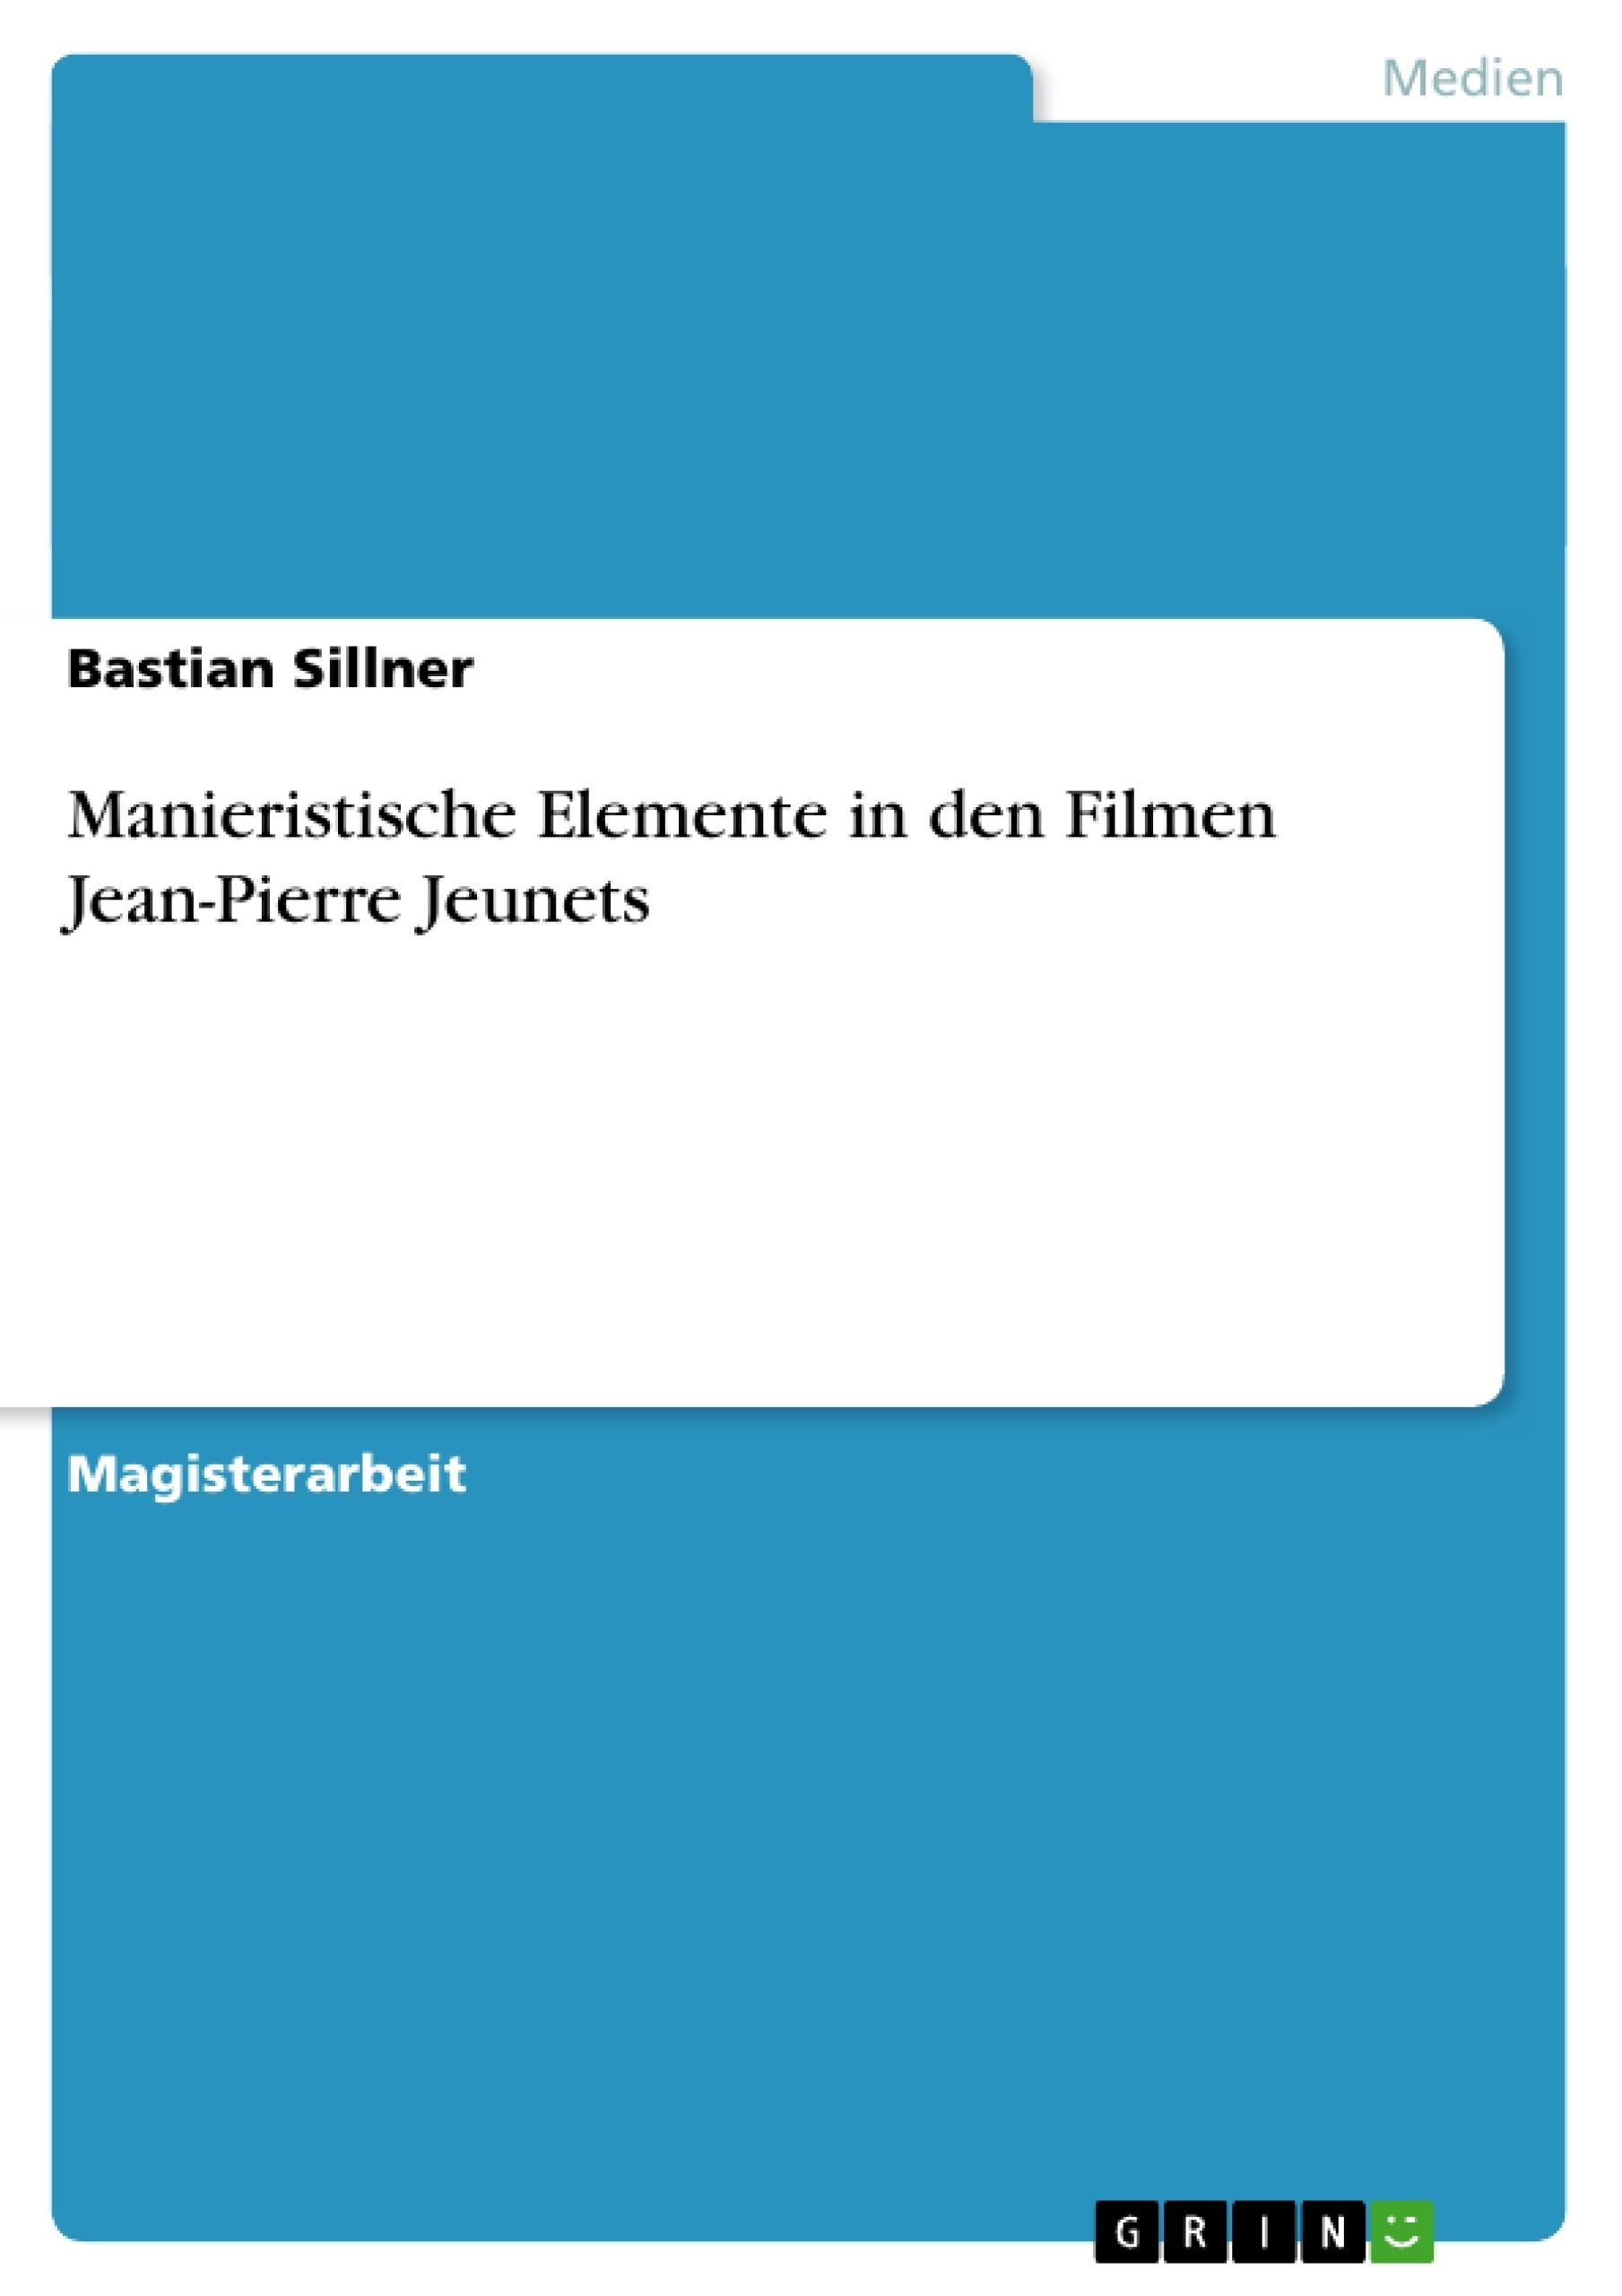 Titel: Manieristische Elemente in den Filmen Jean-Pierre Jeunets